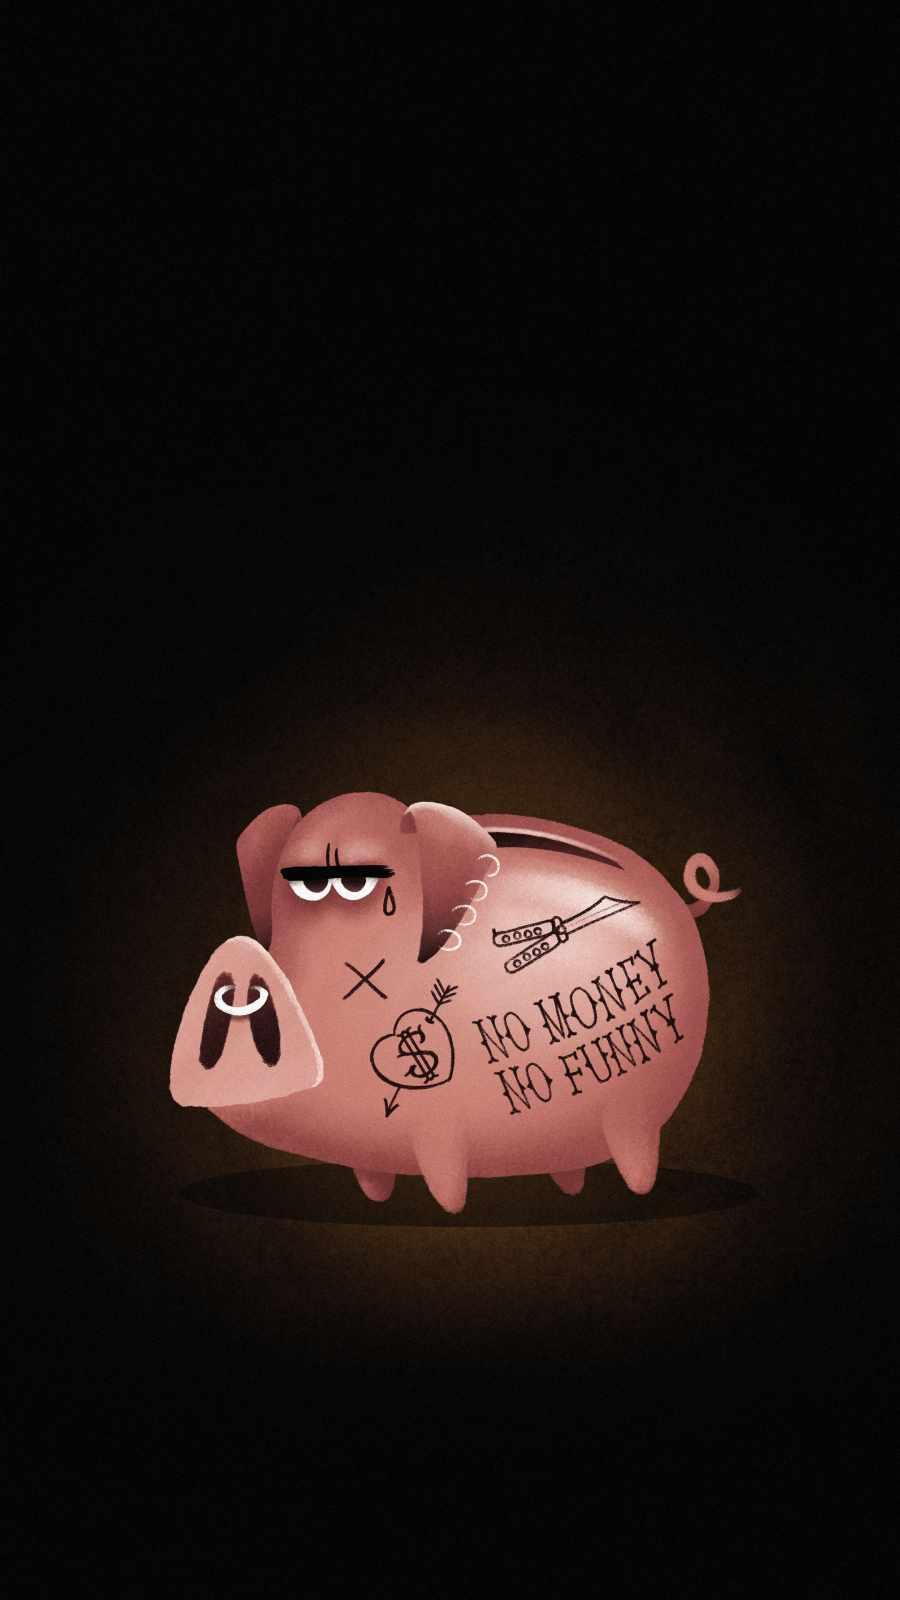 No Money No Funny Pig